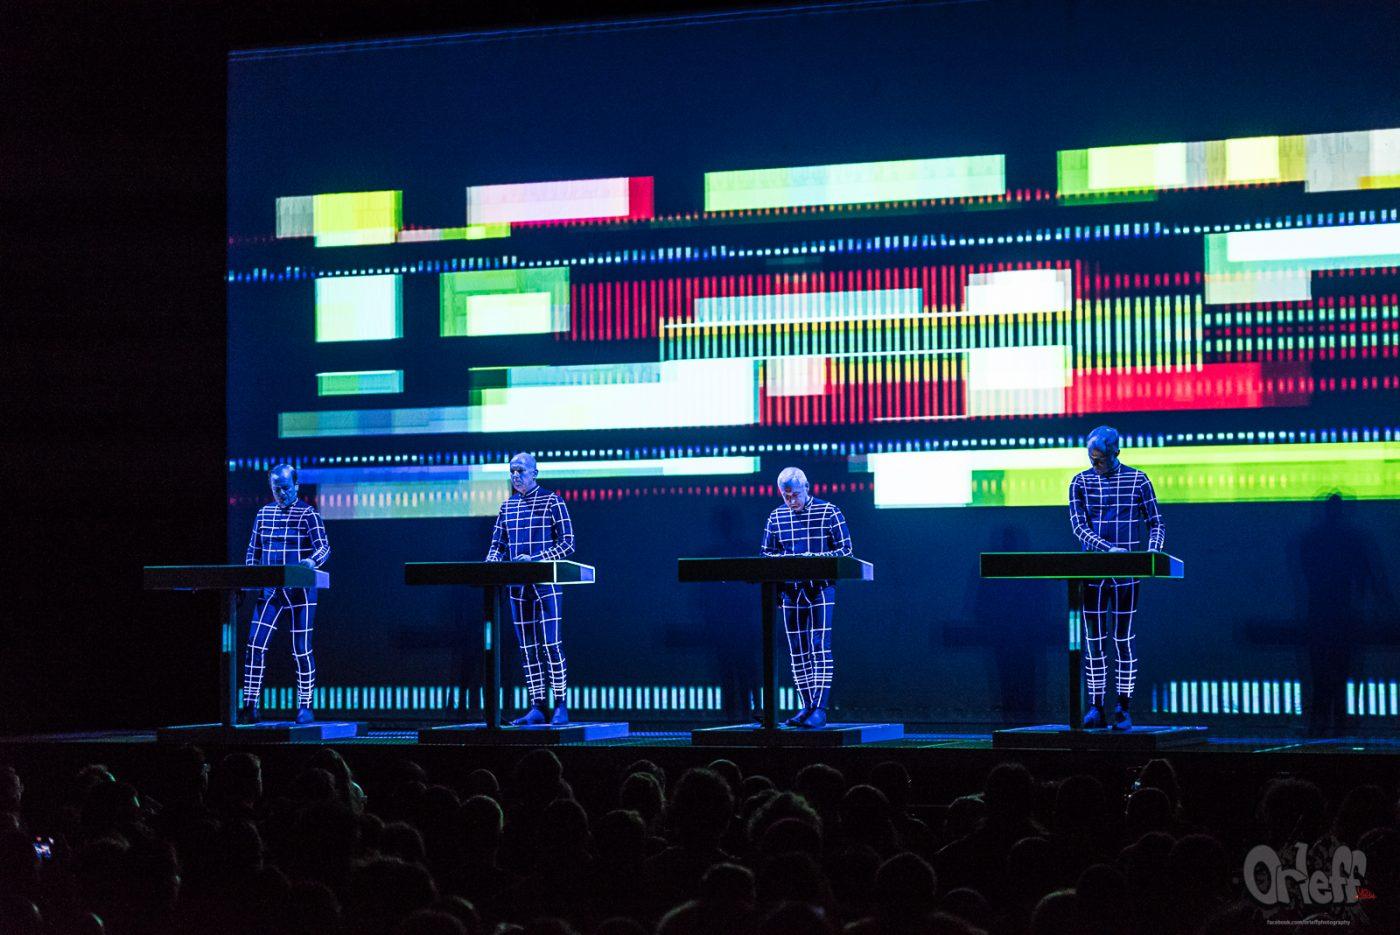 Kraftwerk @ Universiada Hall, 2018